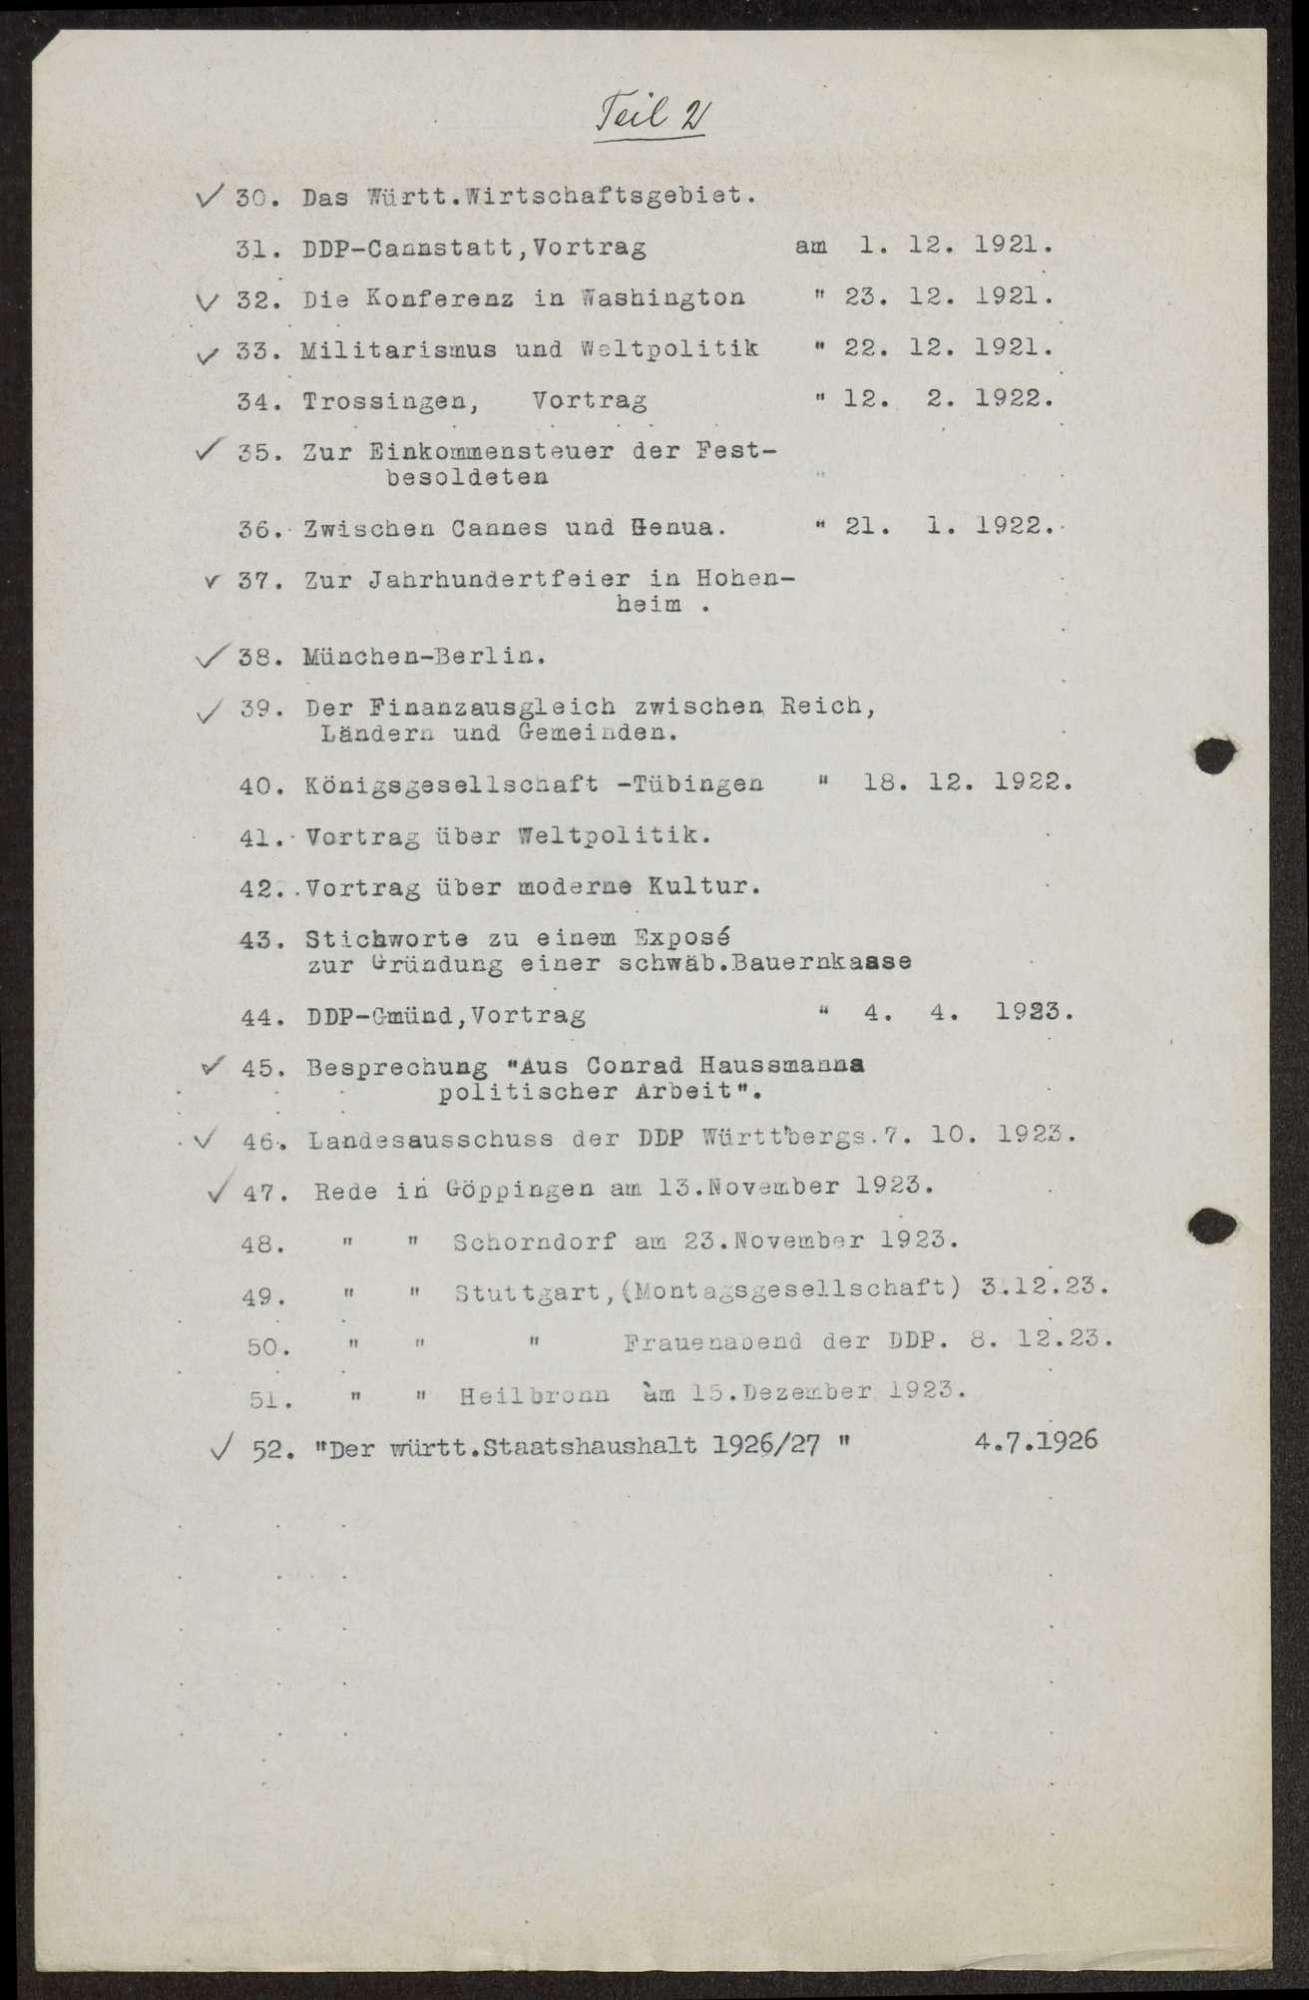 Verzeichnis der Reden, Aufsätze, Zeitungsartikel von Wilhelm Schall, Bild 2